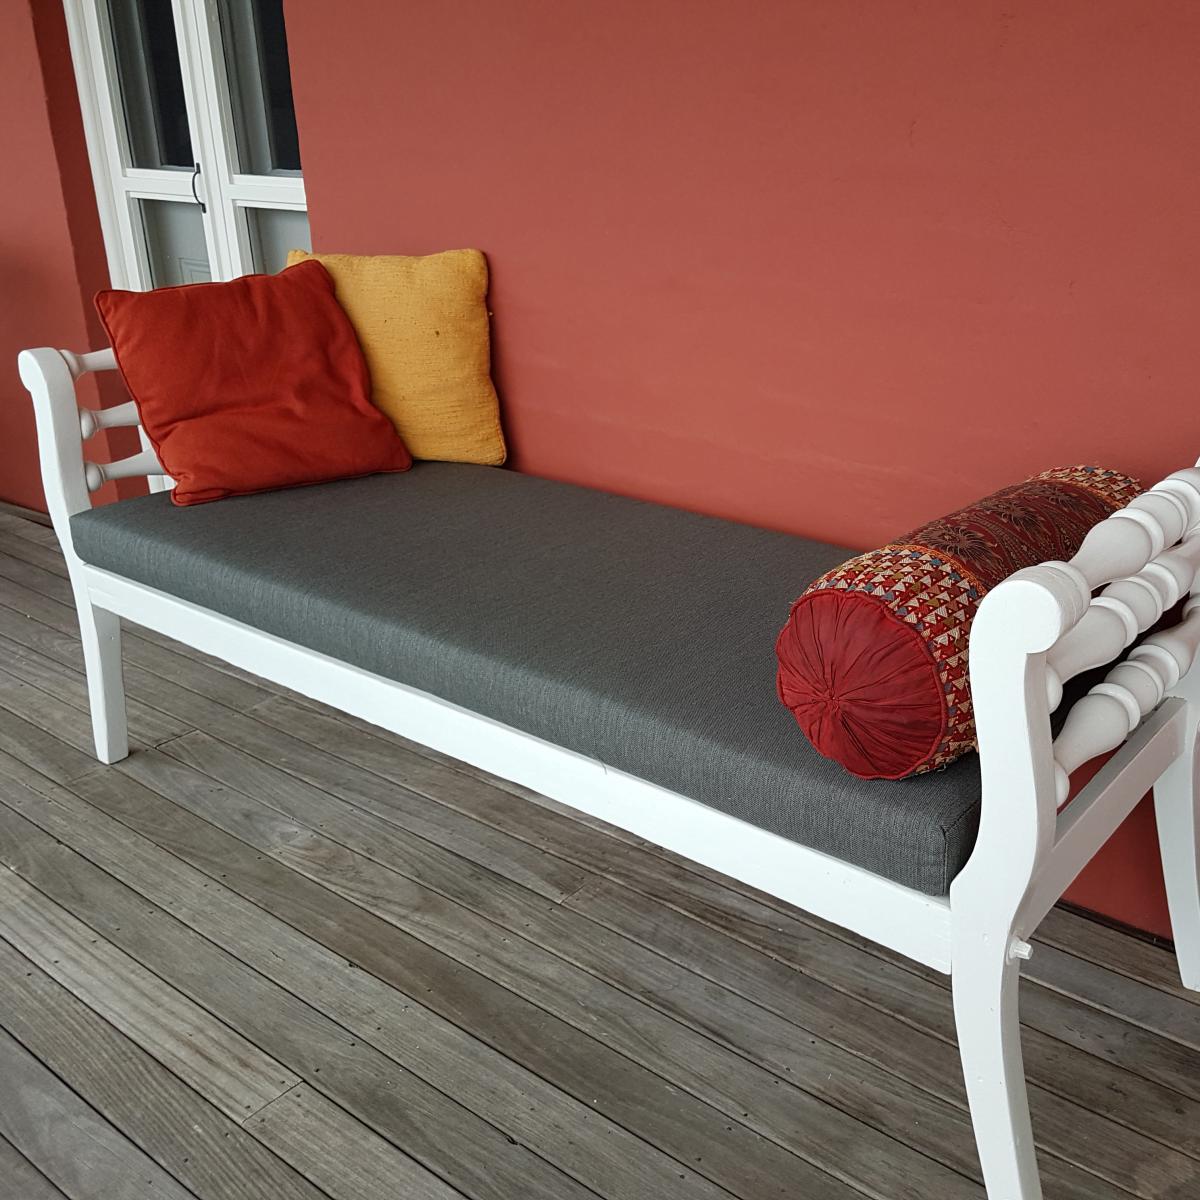 Outdoor Chair Cushions australia